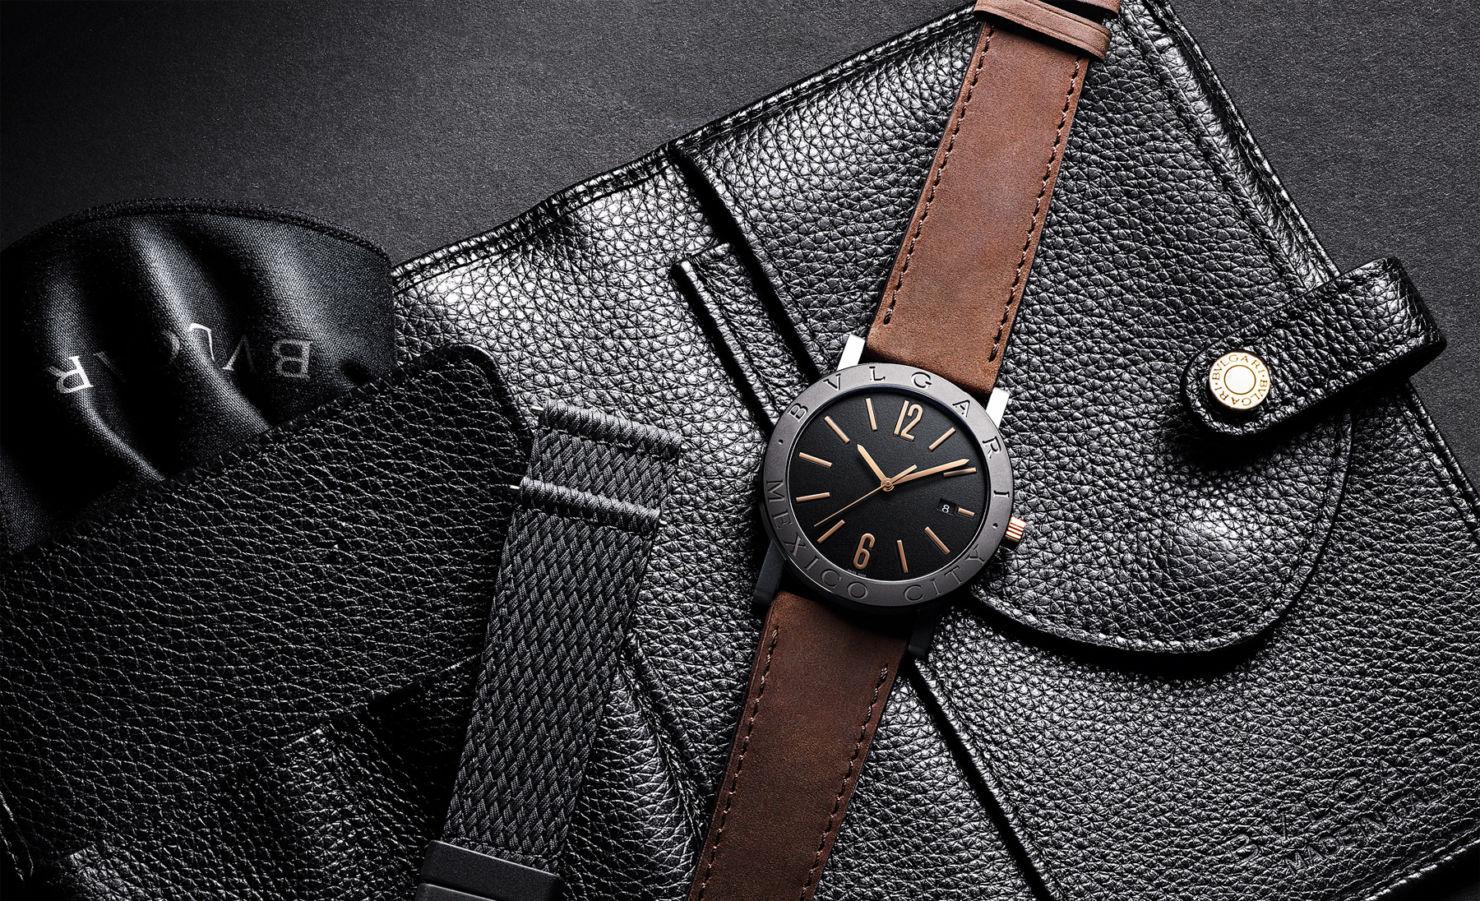 El tiempo no se detiene y estos relojes son la tendencia  que debes seguir en 2020